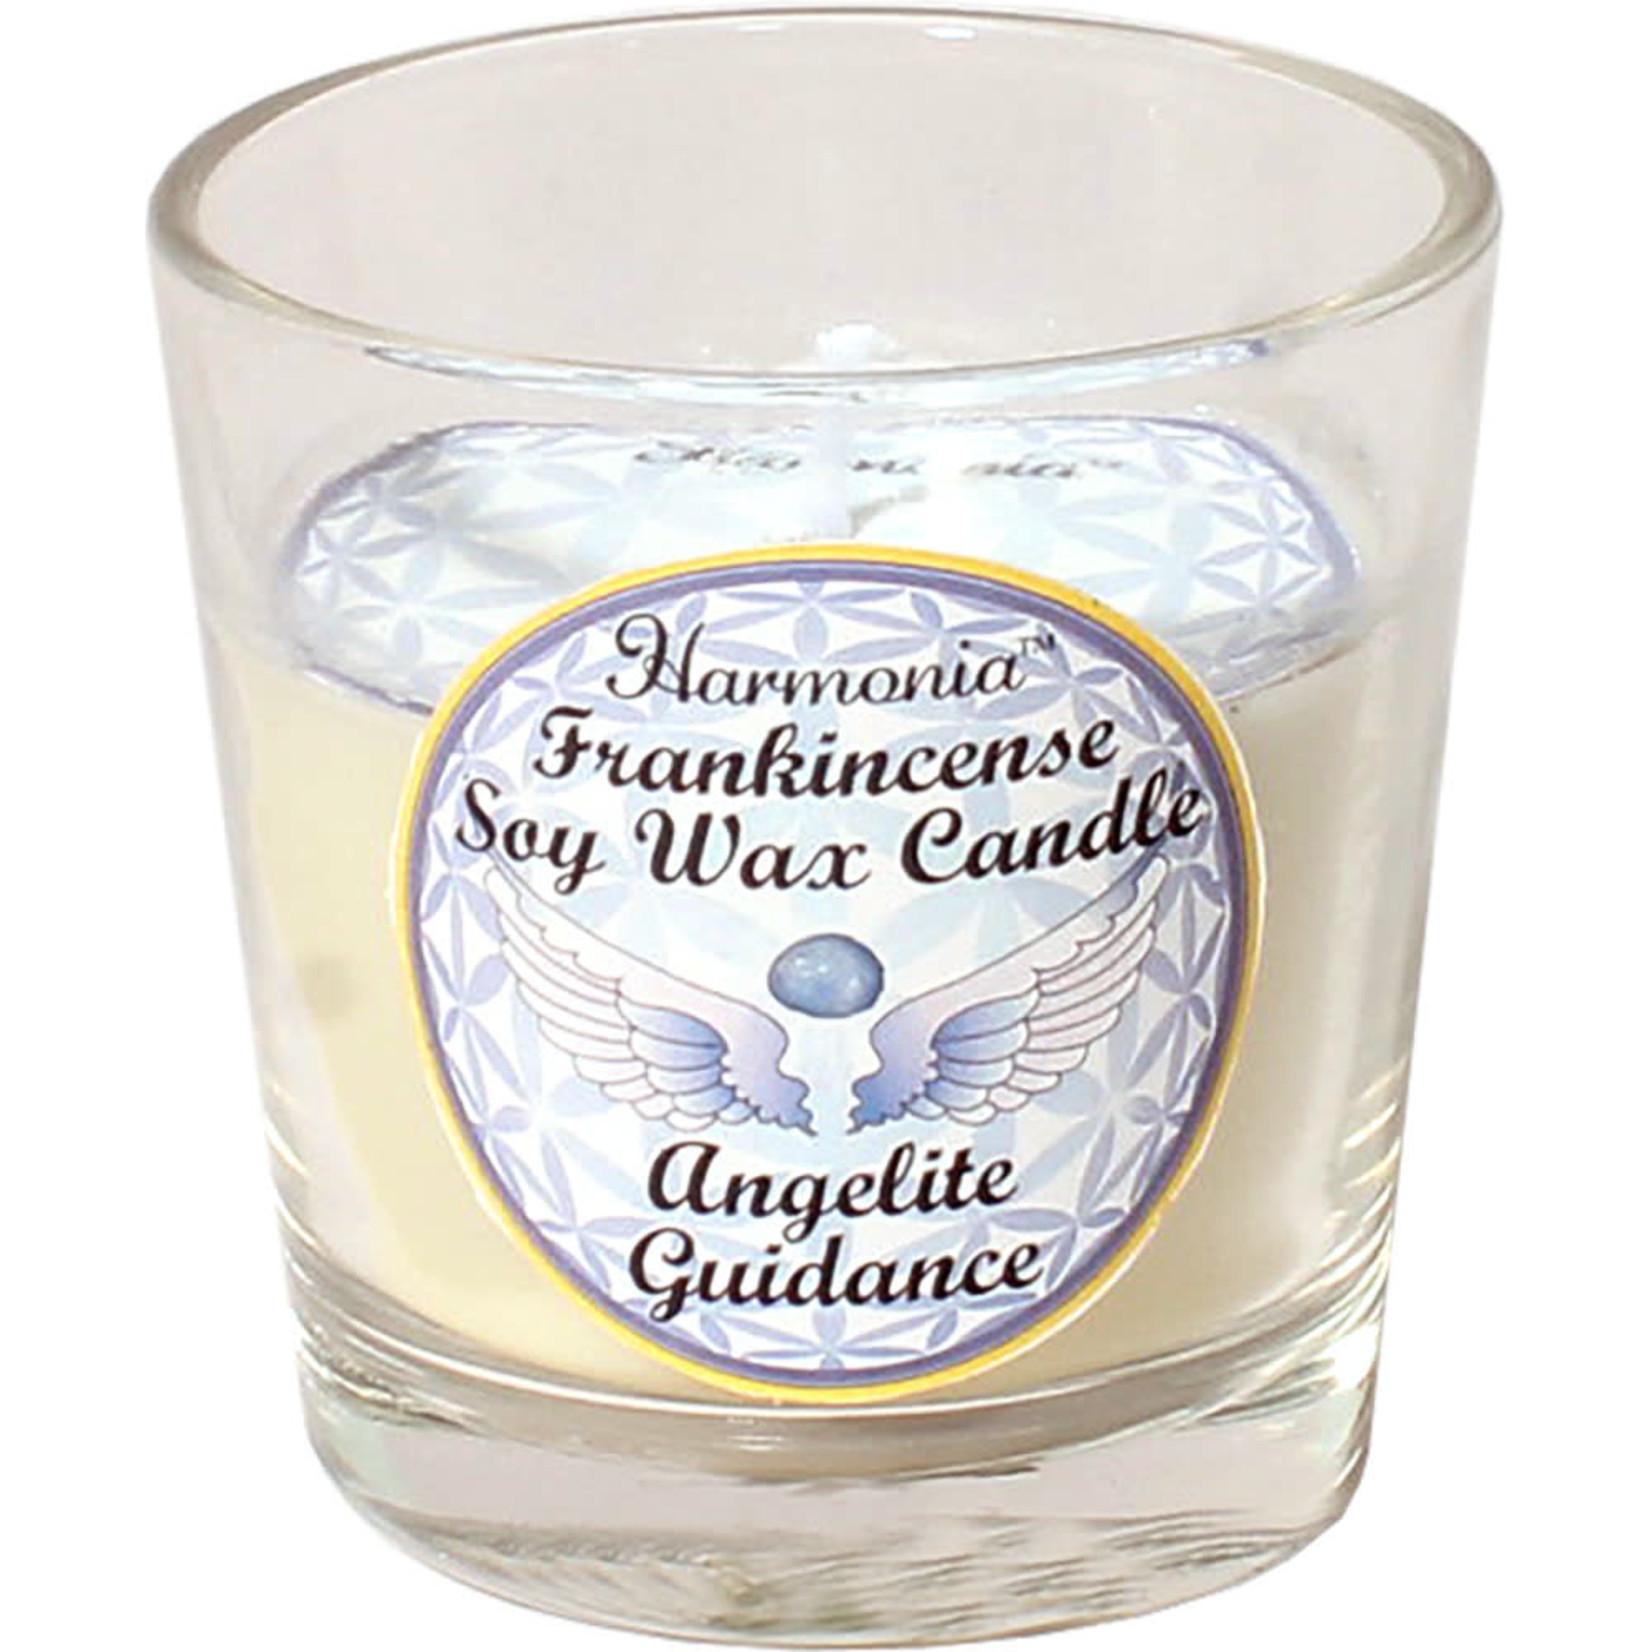 Votive Candle Harmonia Soy Gem - Guidance Angetite